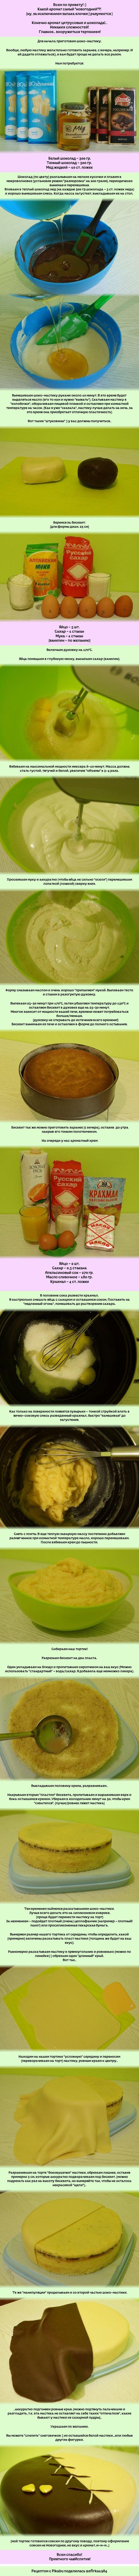 А вы уже решили, чем будете потчевать сладкоежек на Новогодние празднества?.. длиннопост, рецепт, торт, мастика, еда, домашняя выпечка, пятничное